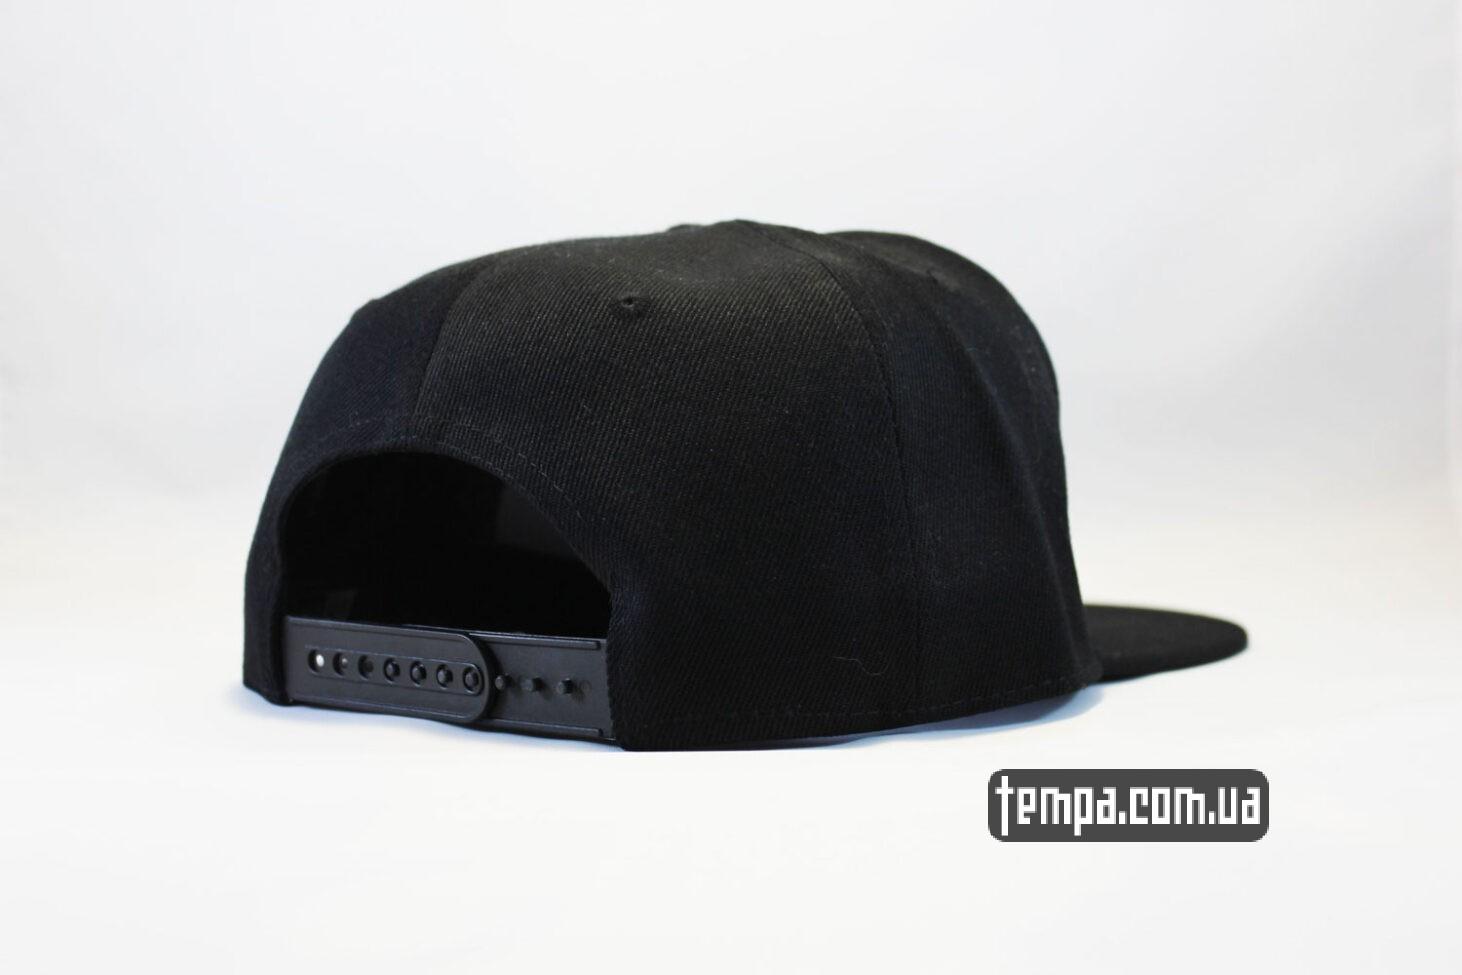 магазин бейсболок Киев Одесса кепка snapback LA Los Angeles New Era 9fifty черная на черном